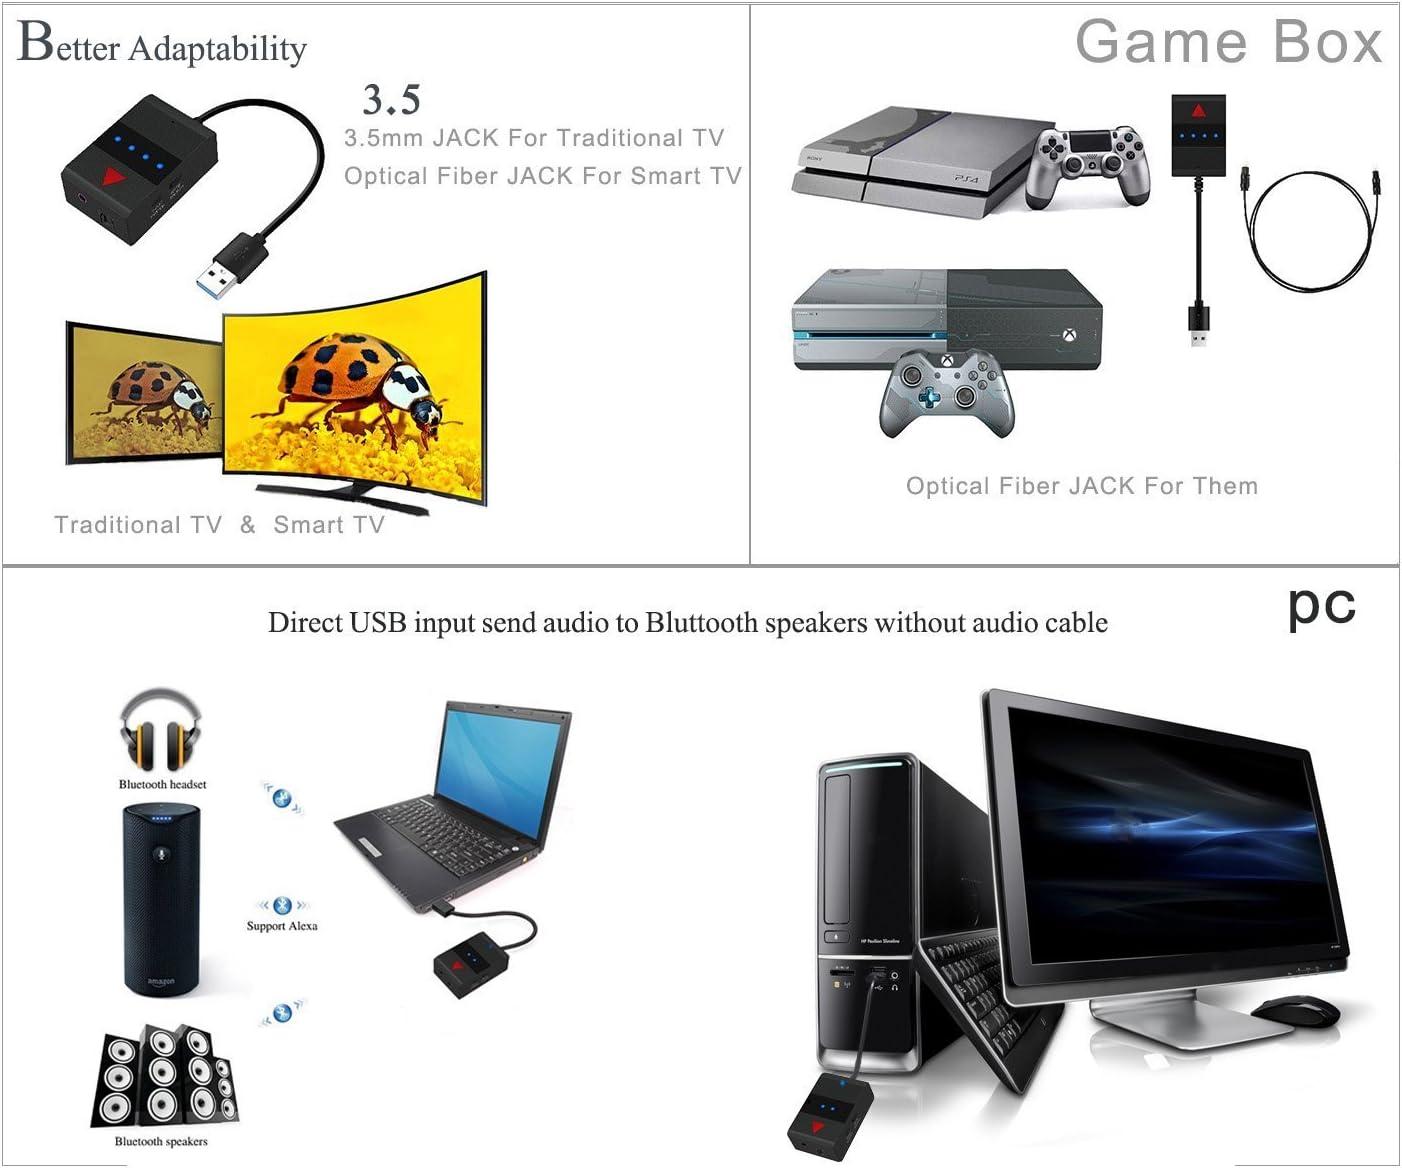 YETPR Transmisor de audio Bluetooth 4.0 Audio para Smart TV XBOX PS4 Bose JBL B&W con entradas integradas Óptica Toslink S/PDIF Coaxial. Conecta hasta 2 Auriculares Wireless sin Lags(TX12s): Amazon.es: Informática